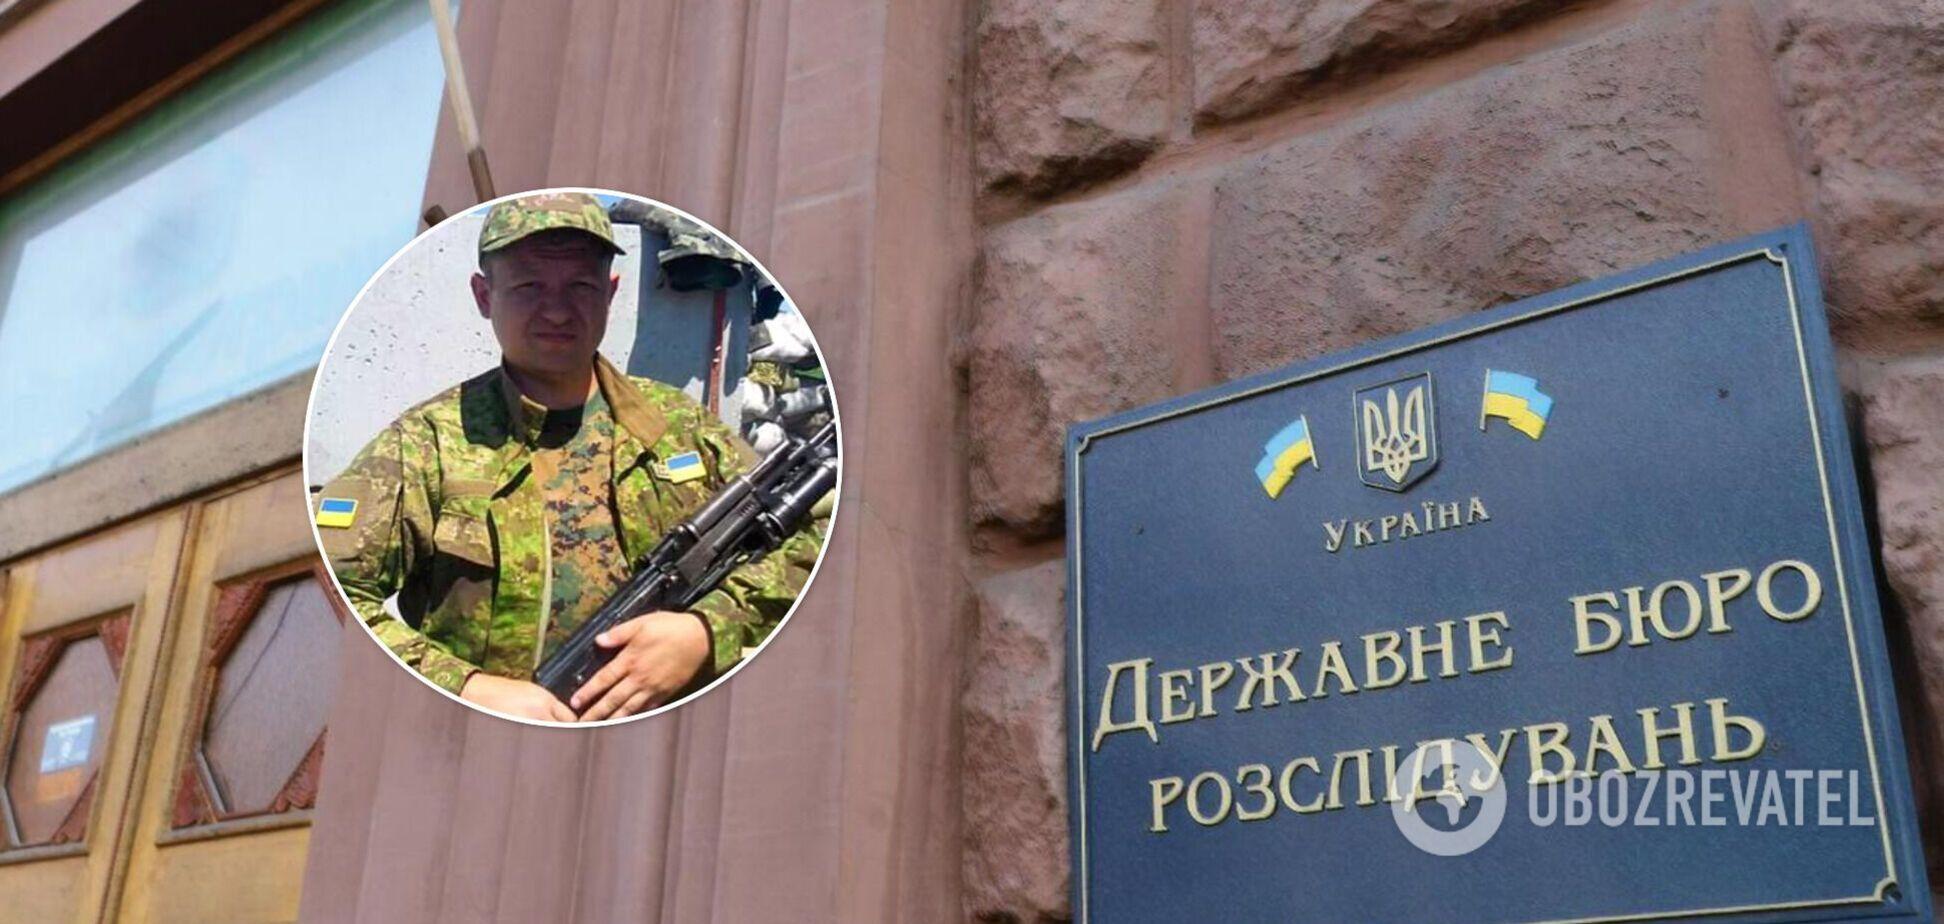 ГБР провело обыск у ветеранавойны на Донбассе